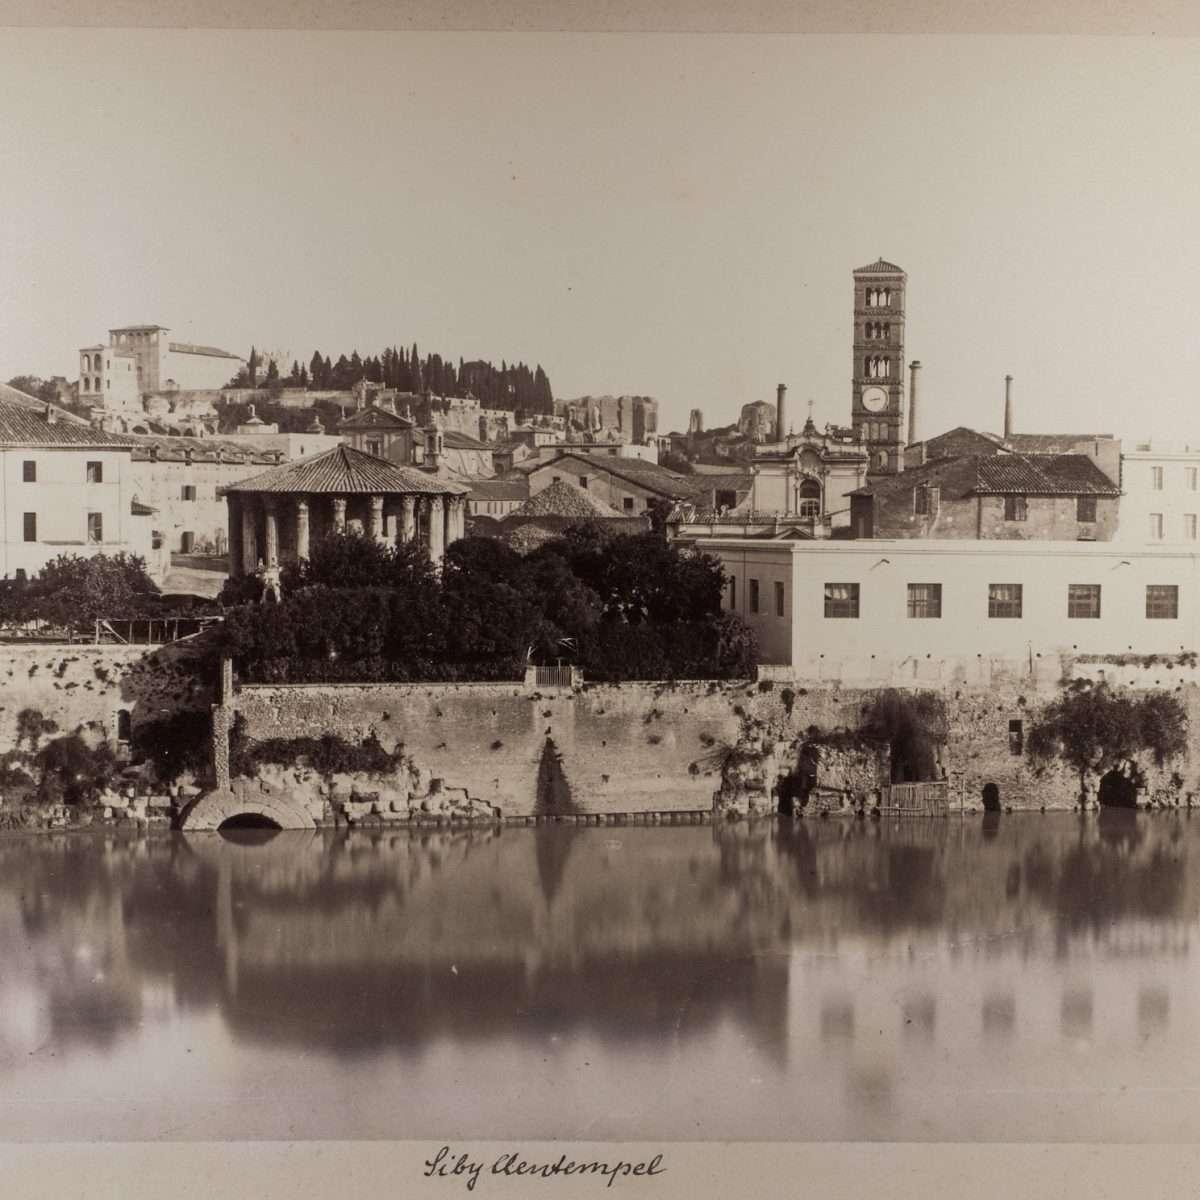 L-1090170 - Veduta dello sbocco della Cloaca Massima nel fiume Tevere  - Alinari - 1870:75